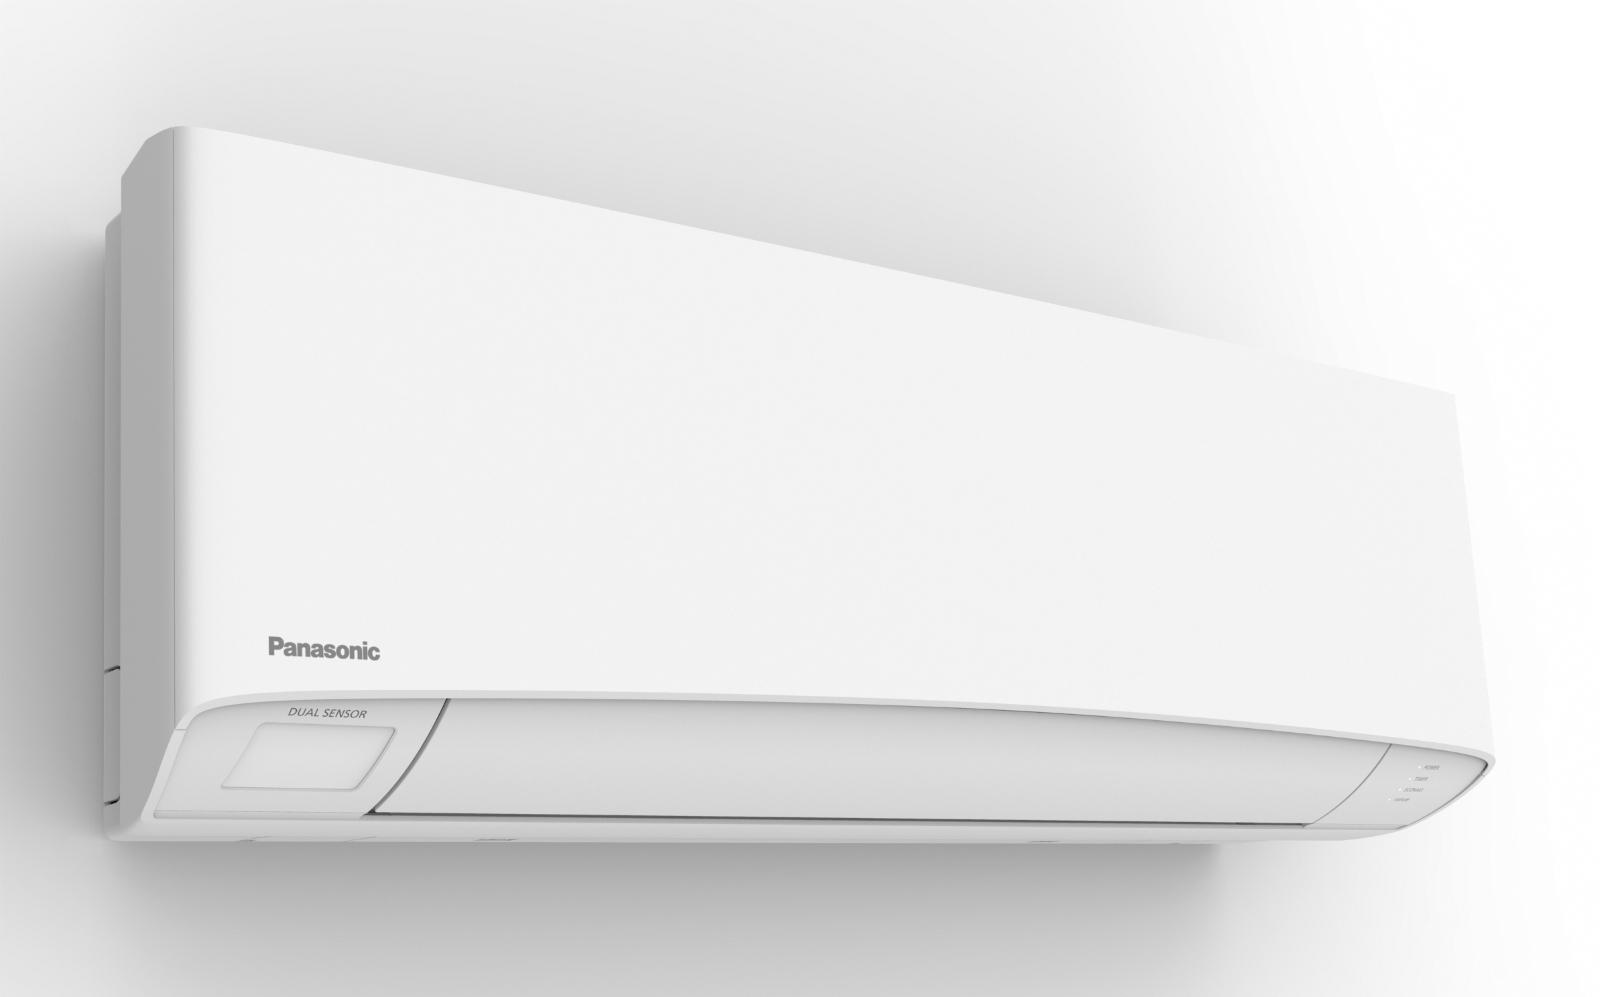 Купить Panasonic CS-Z71TKE / CU-Z71TKE в Нижнем Новгороде